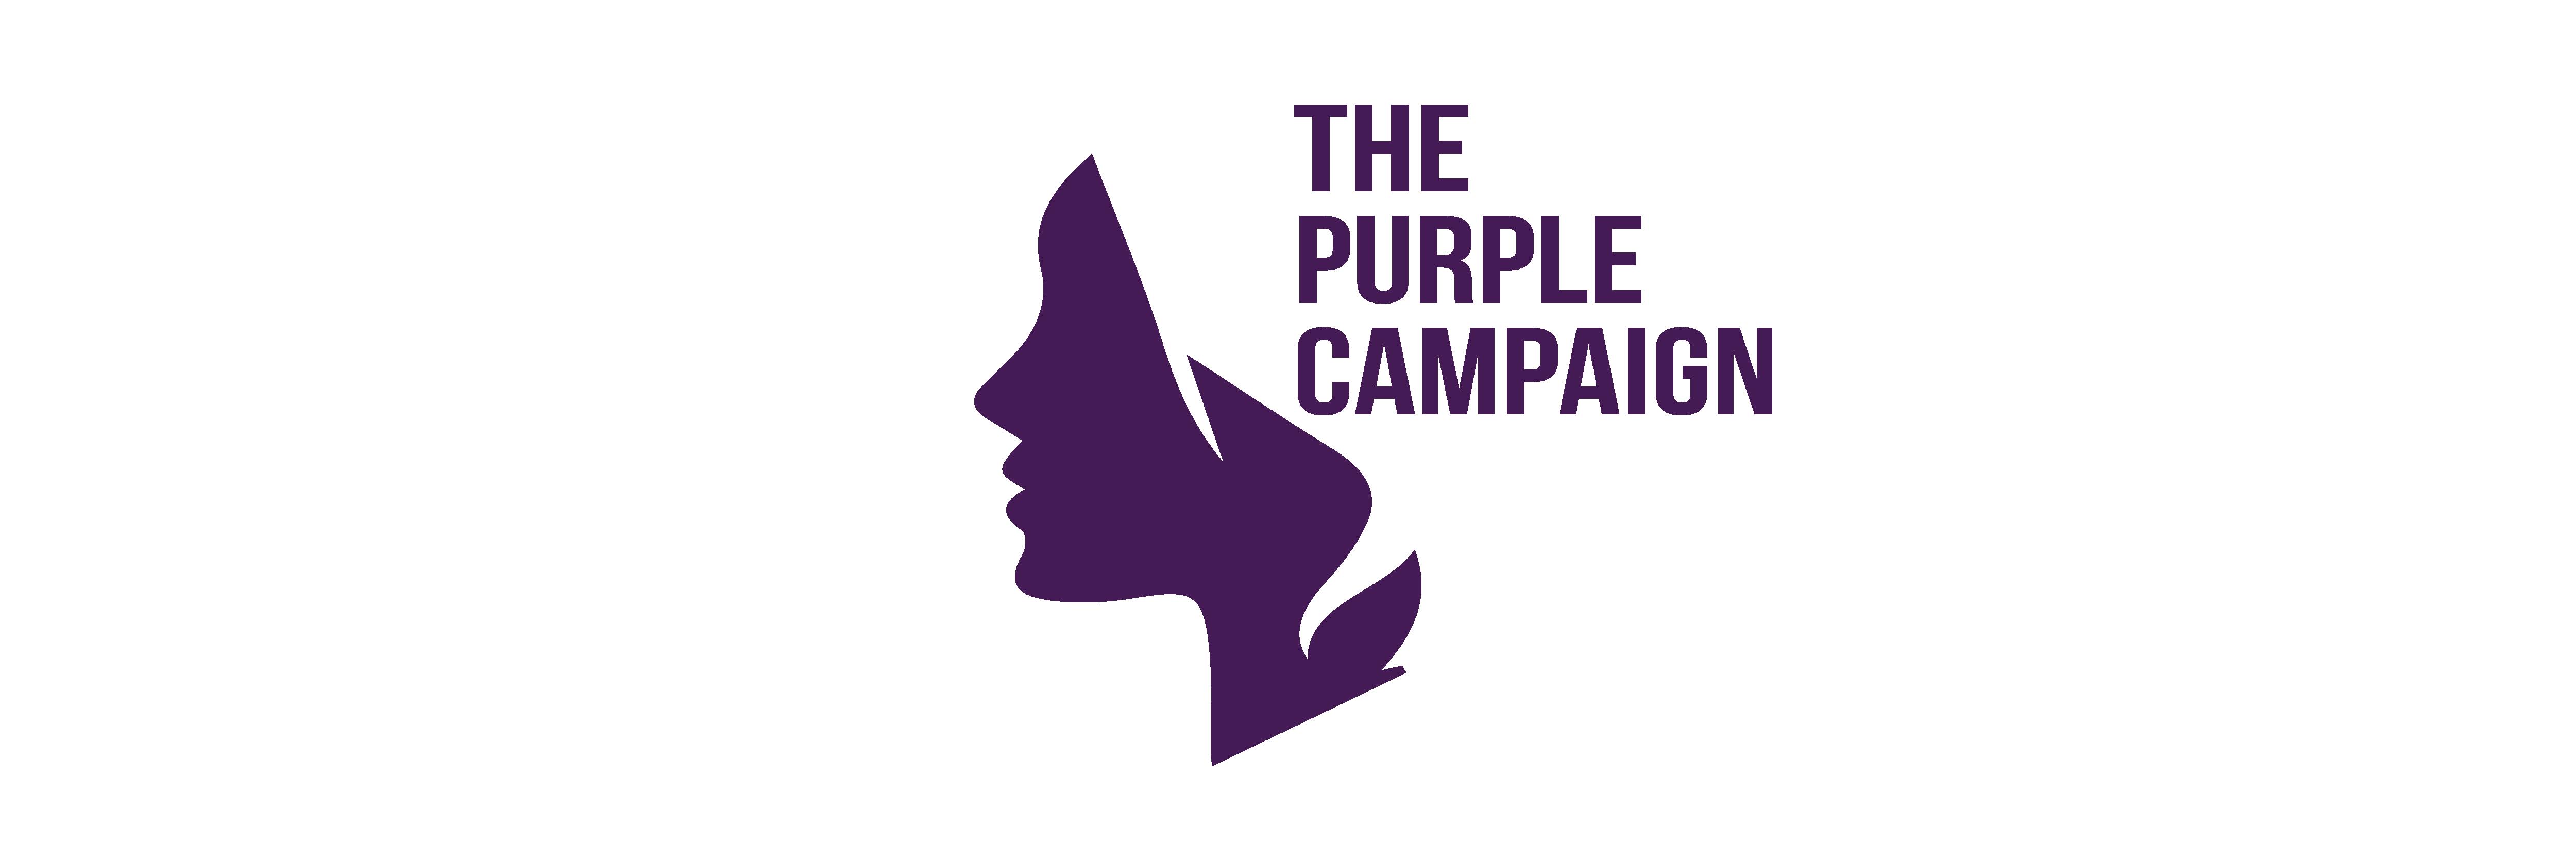 The Purple Campaign